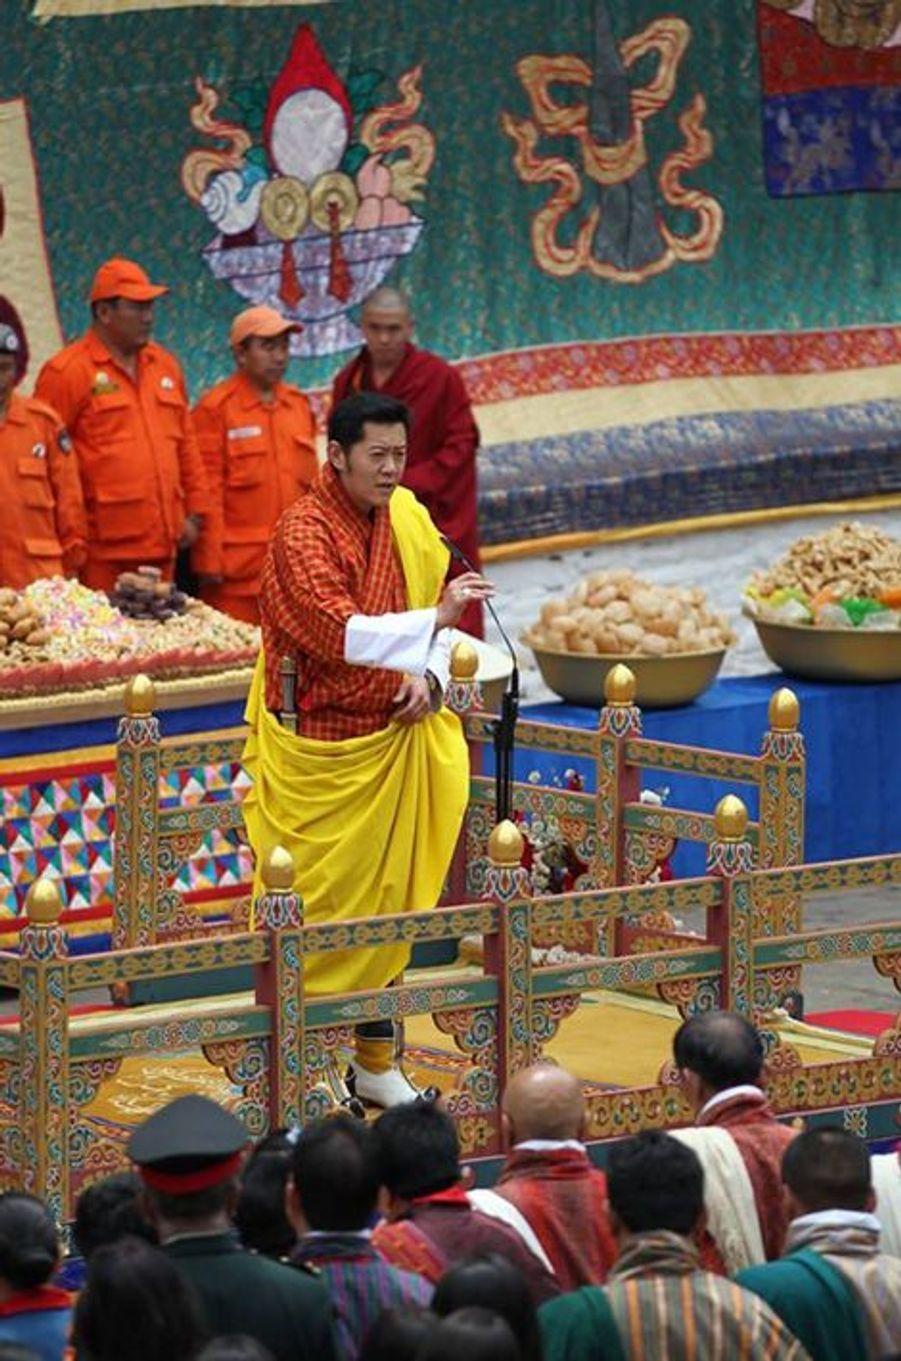 Le roi du Bhoutan au dzong de Punakha, le 16 avril 2016